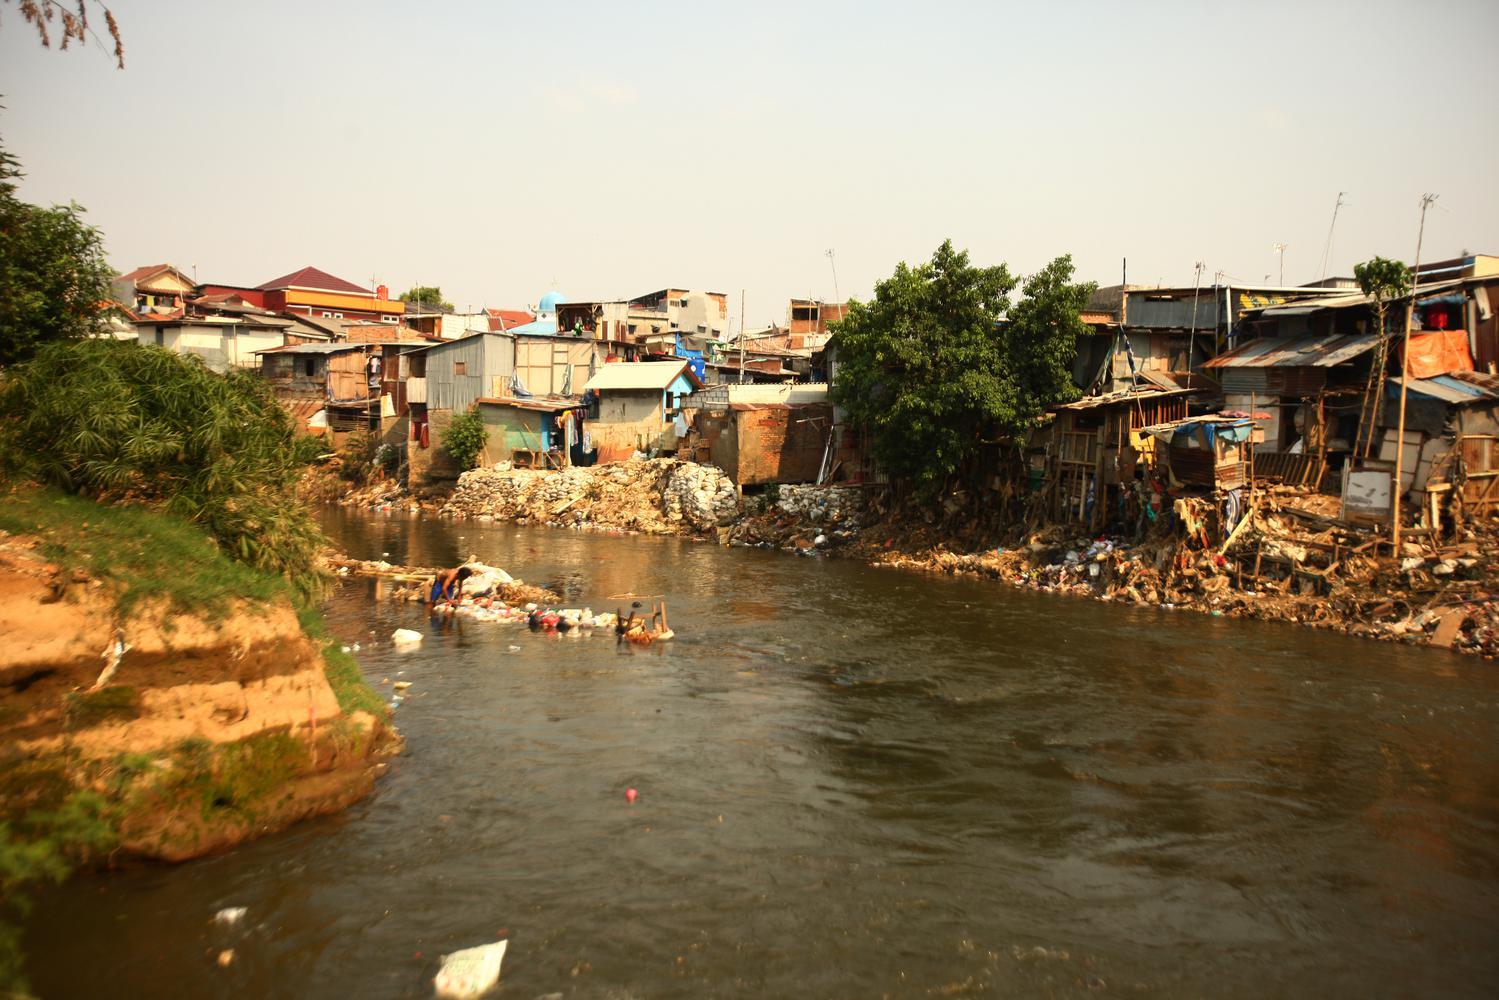 Suasana deretan rumah di bantaran Sungai Ciliwung di Jakarta, Kamis (24/10/2019). Presiden Joko Widodo menargetkan angka kemiskinan bisa mendekati nol persen pada tahun 2045 dan telah menyiapkan lima kebijakan prioritas untuk mewujudkannya.